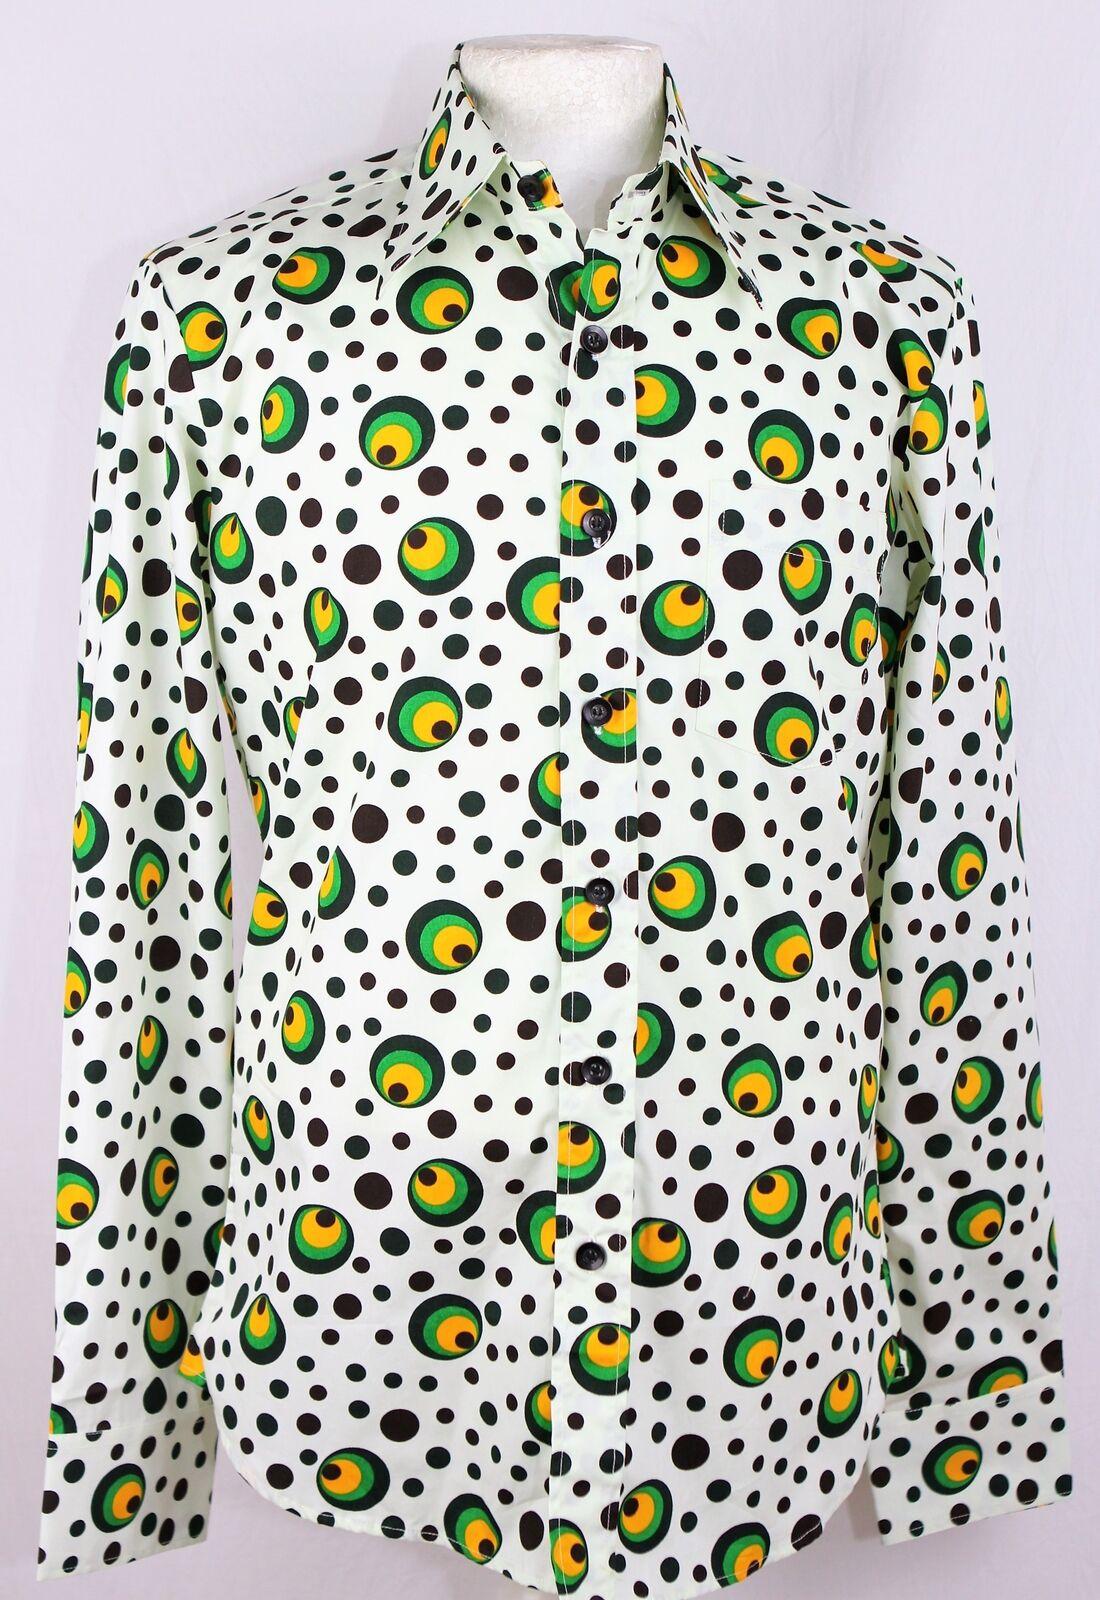 Chenaski Chenaski Chenaski Pois e splots Stile Firma Camicia Con Motivo Festa in stile retrò c09999